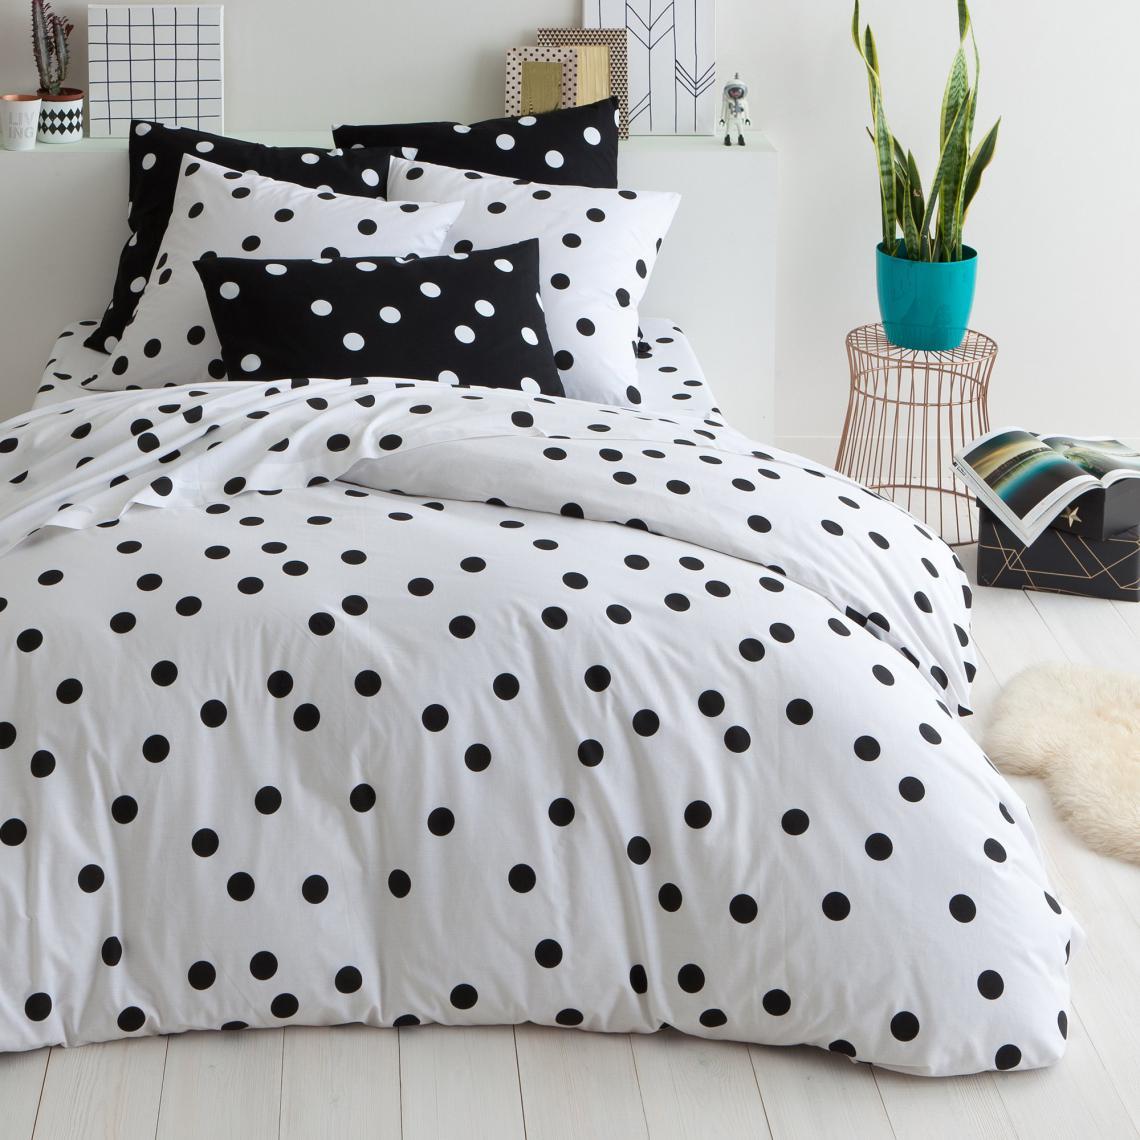 housse de couette coton imprim nocturnes noir 3 suisses. Black Bedroom Furniture Sets. Home Design Ideas